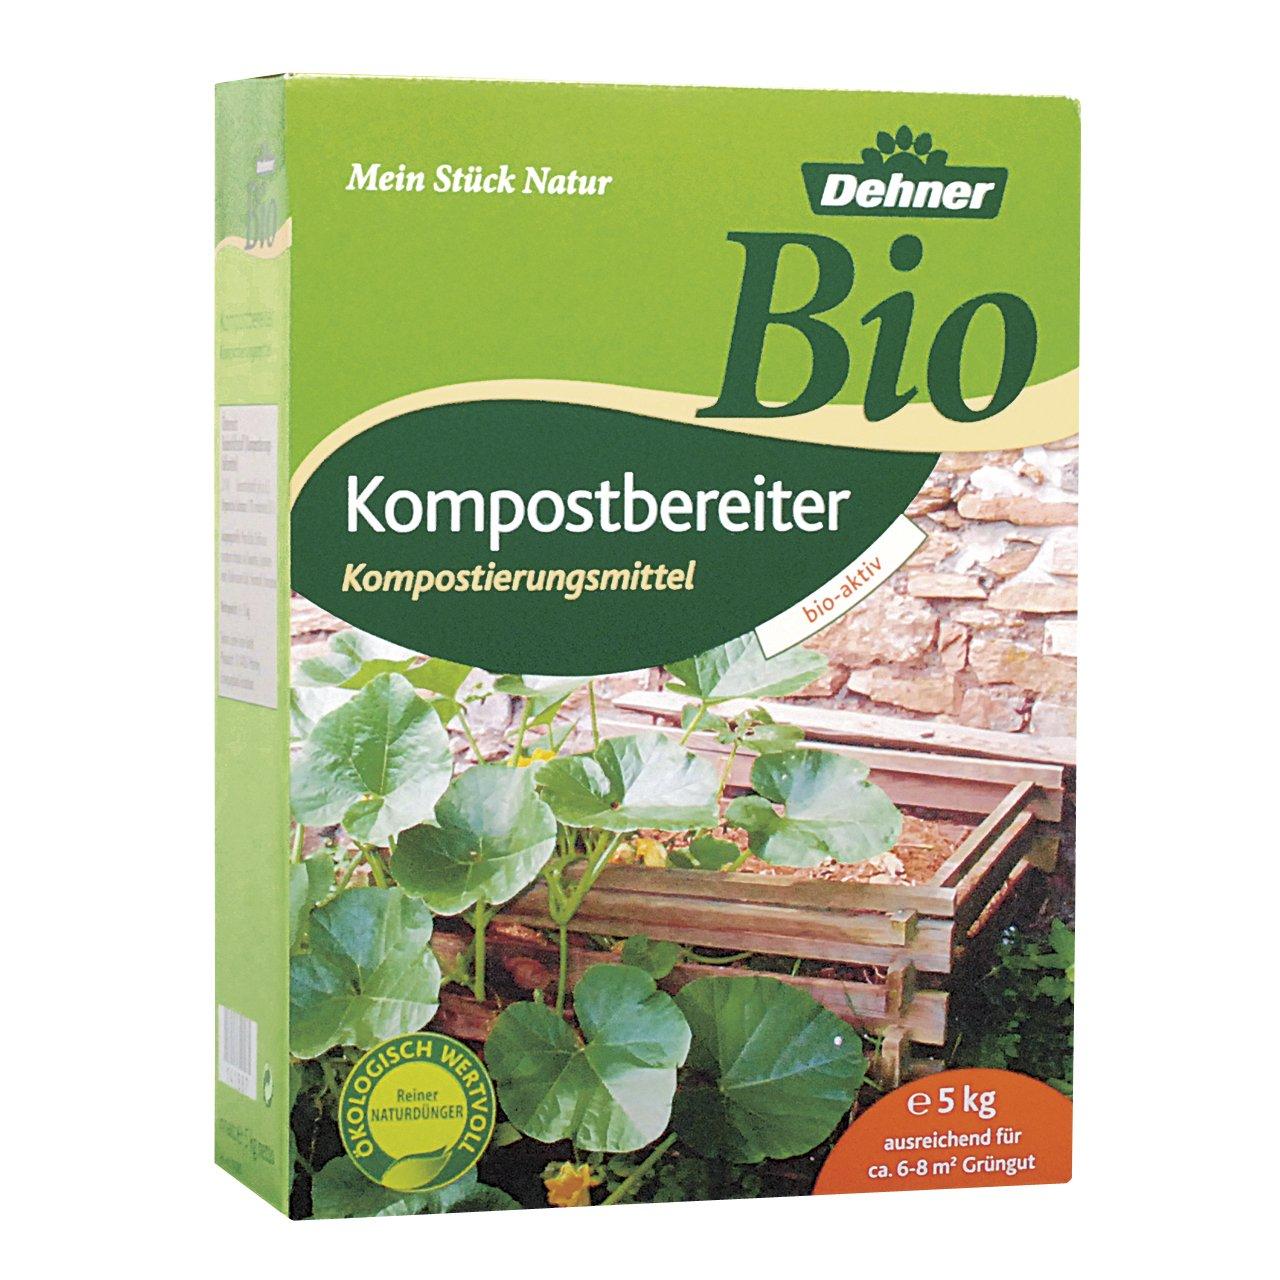 Dehner Bio Kompostbeschleuniger, 5 kg, für ca. 6-8 qm Grüngut von Dehner